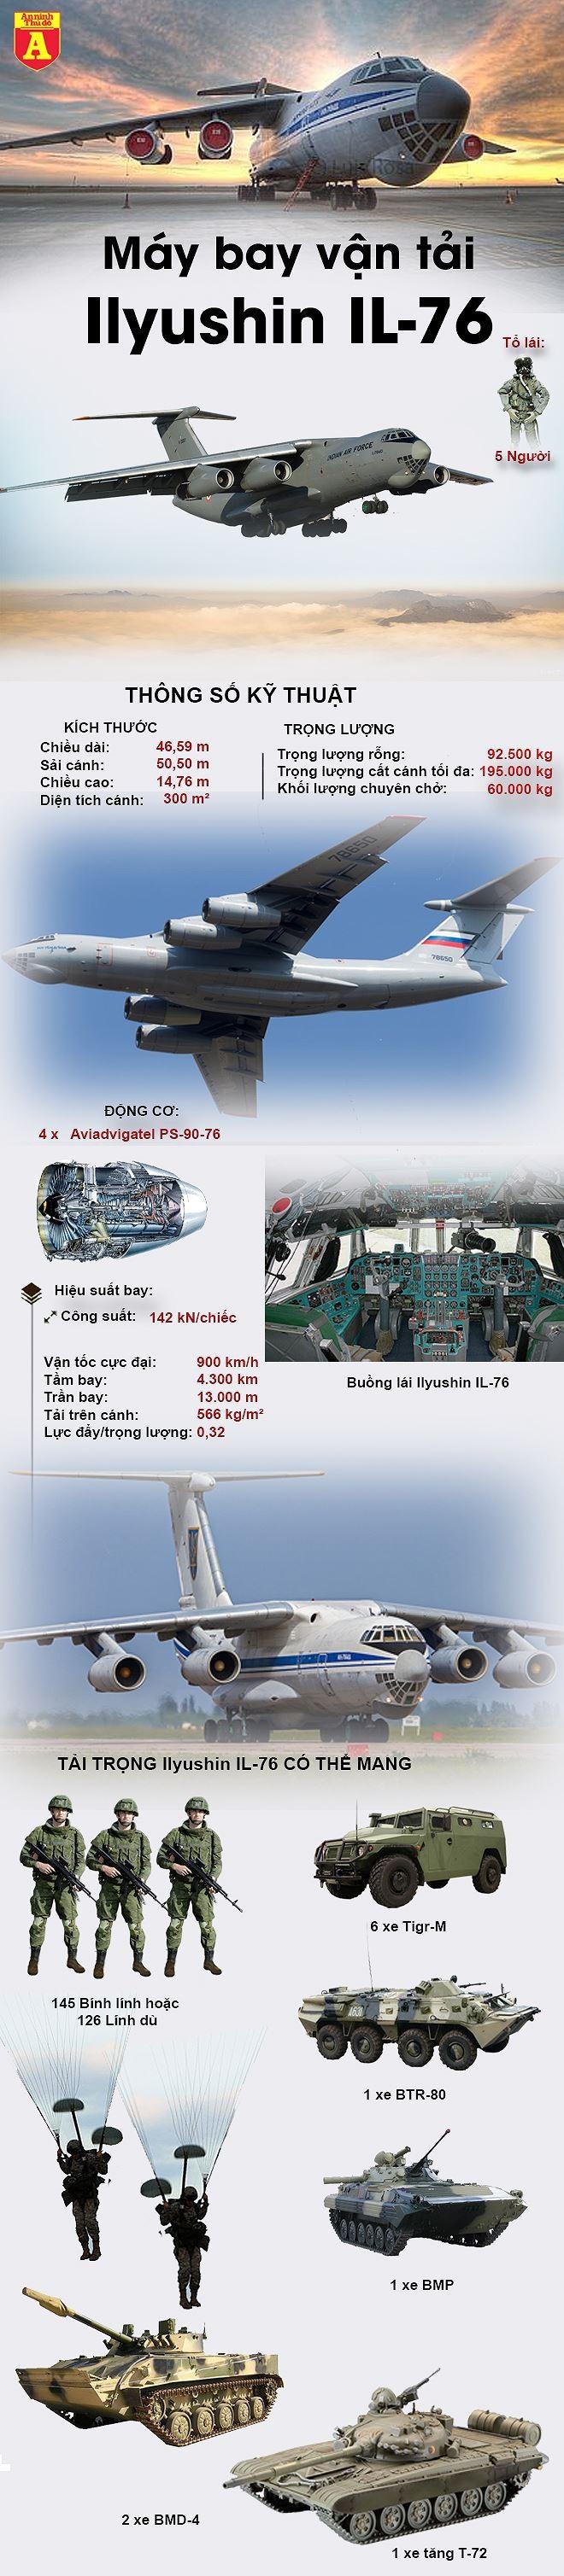 [ĐỒ HỌA] Israel vừa phá hủy 'gã khổng lồ' IL-76 của Iran chở tên lửa sang Syria ảnh 2